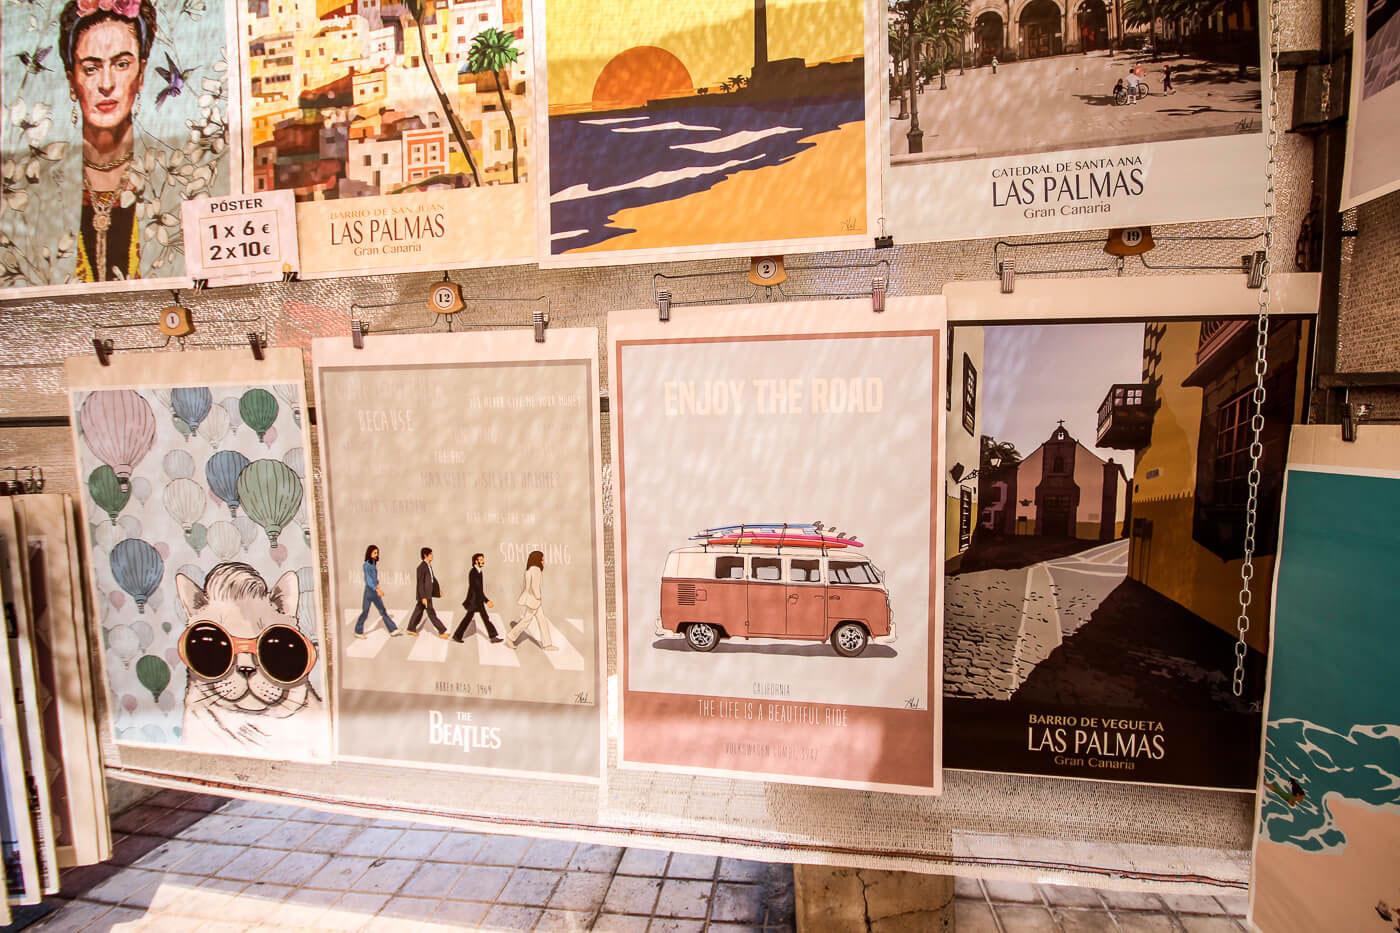 Zu kaufen auf dem Wochenmarkt in Arguineguin